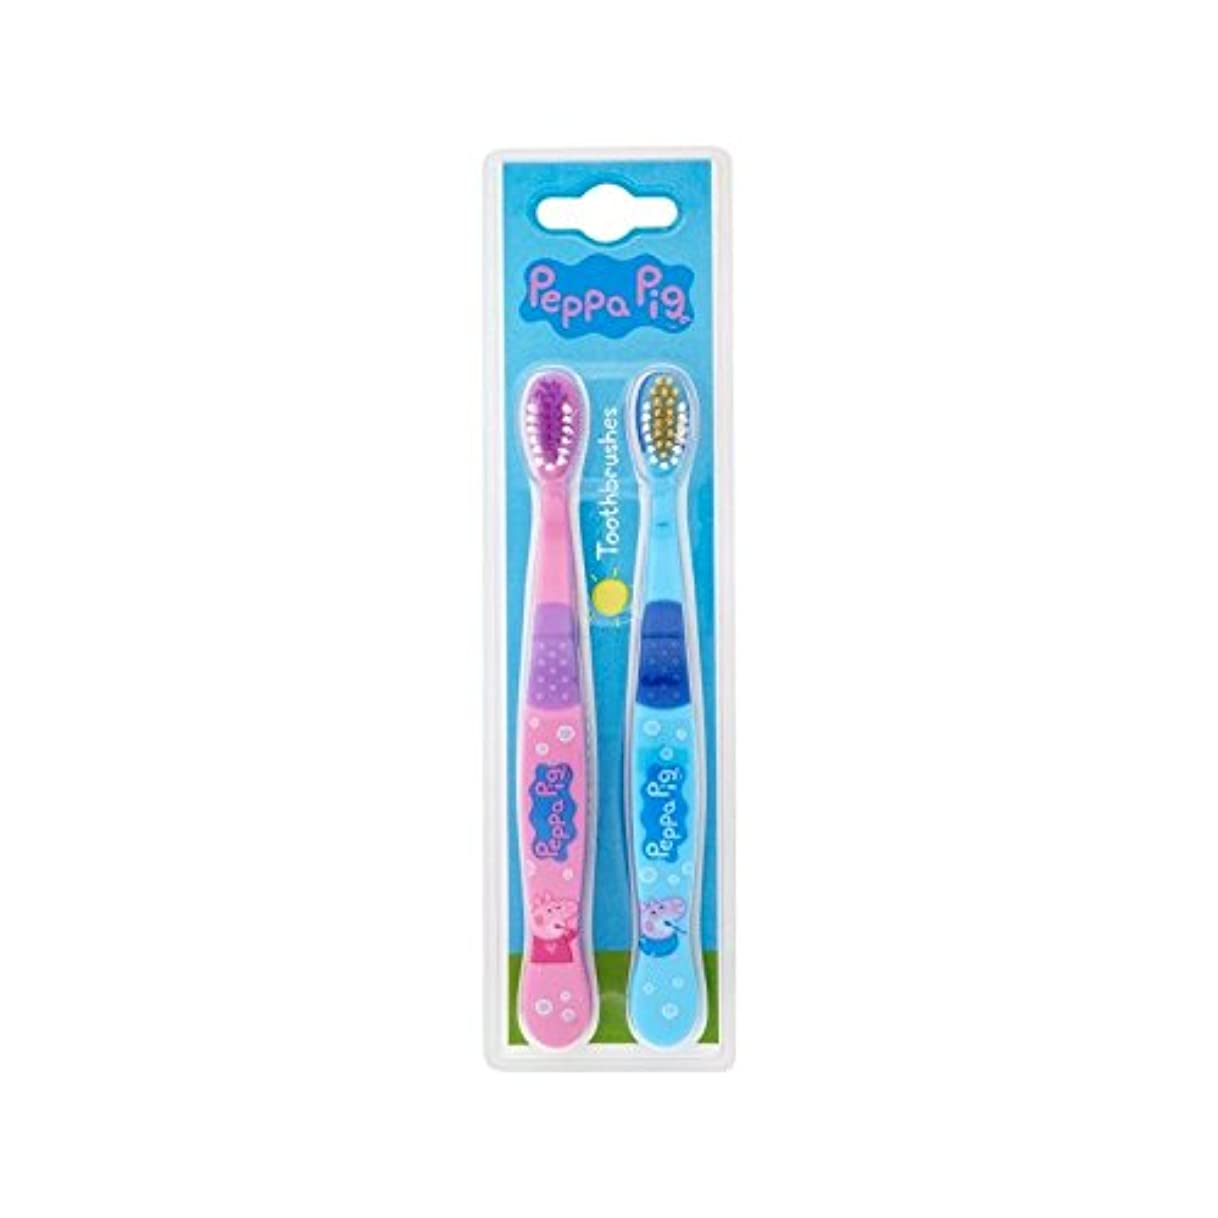 入場料予言する偽造1パックツイン歯ブラシ2 (Peppa Pig) - Peppa Pig Twin Toothbrush 2 per pack [並行輸入品]